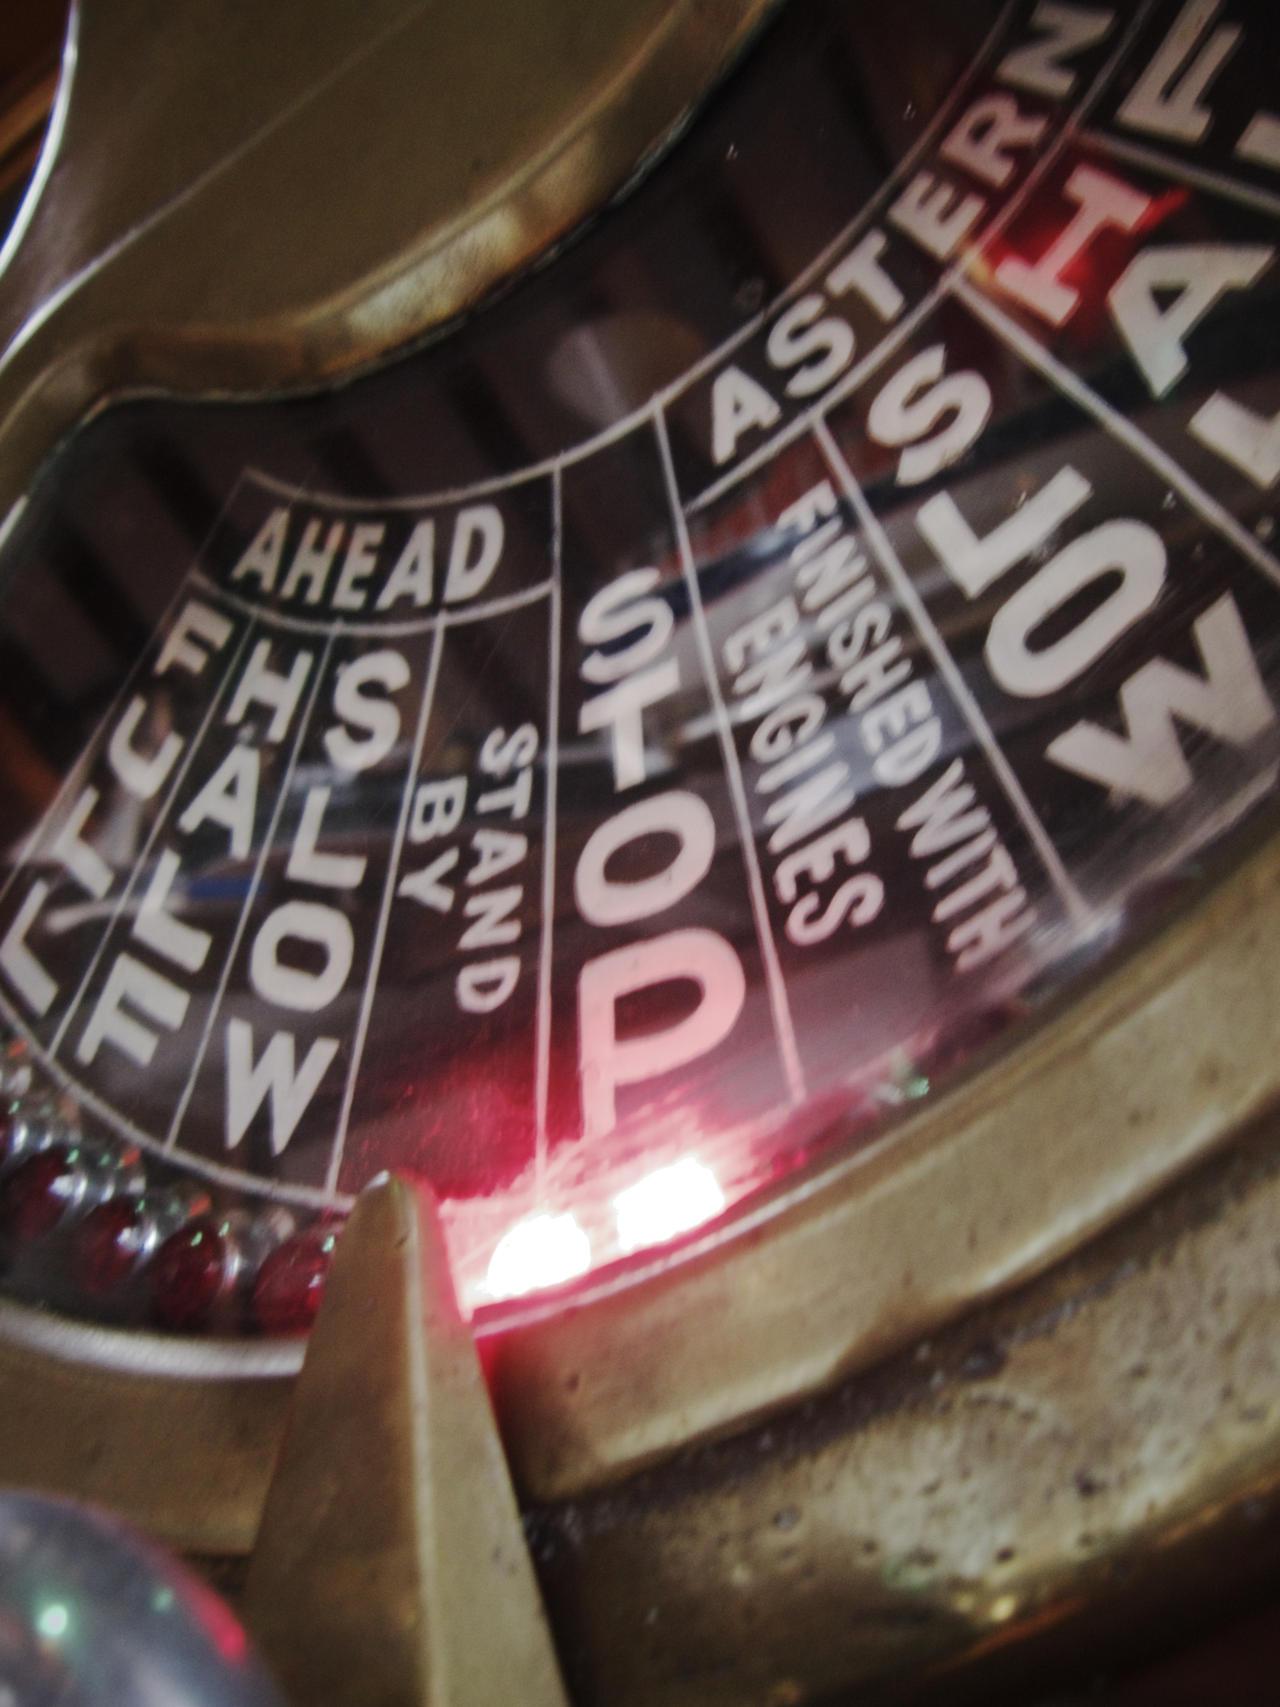 Ahead - Astern - Stop - Slow